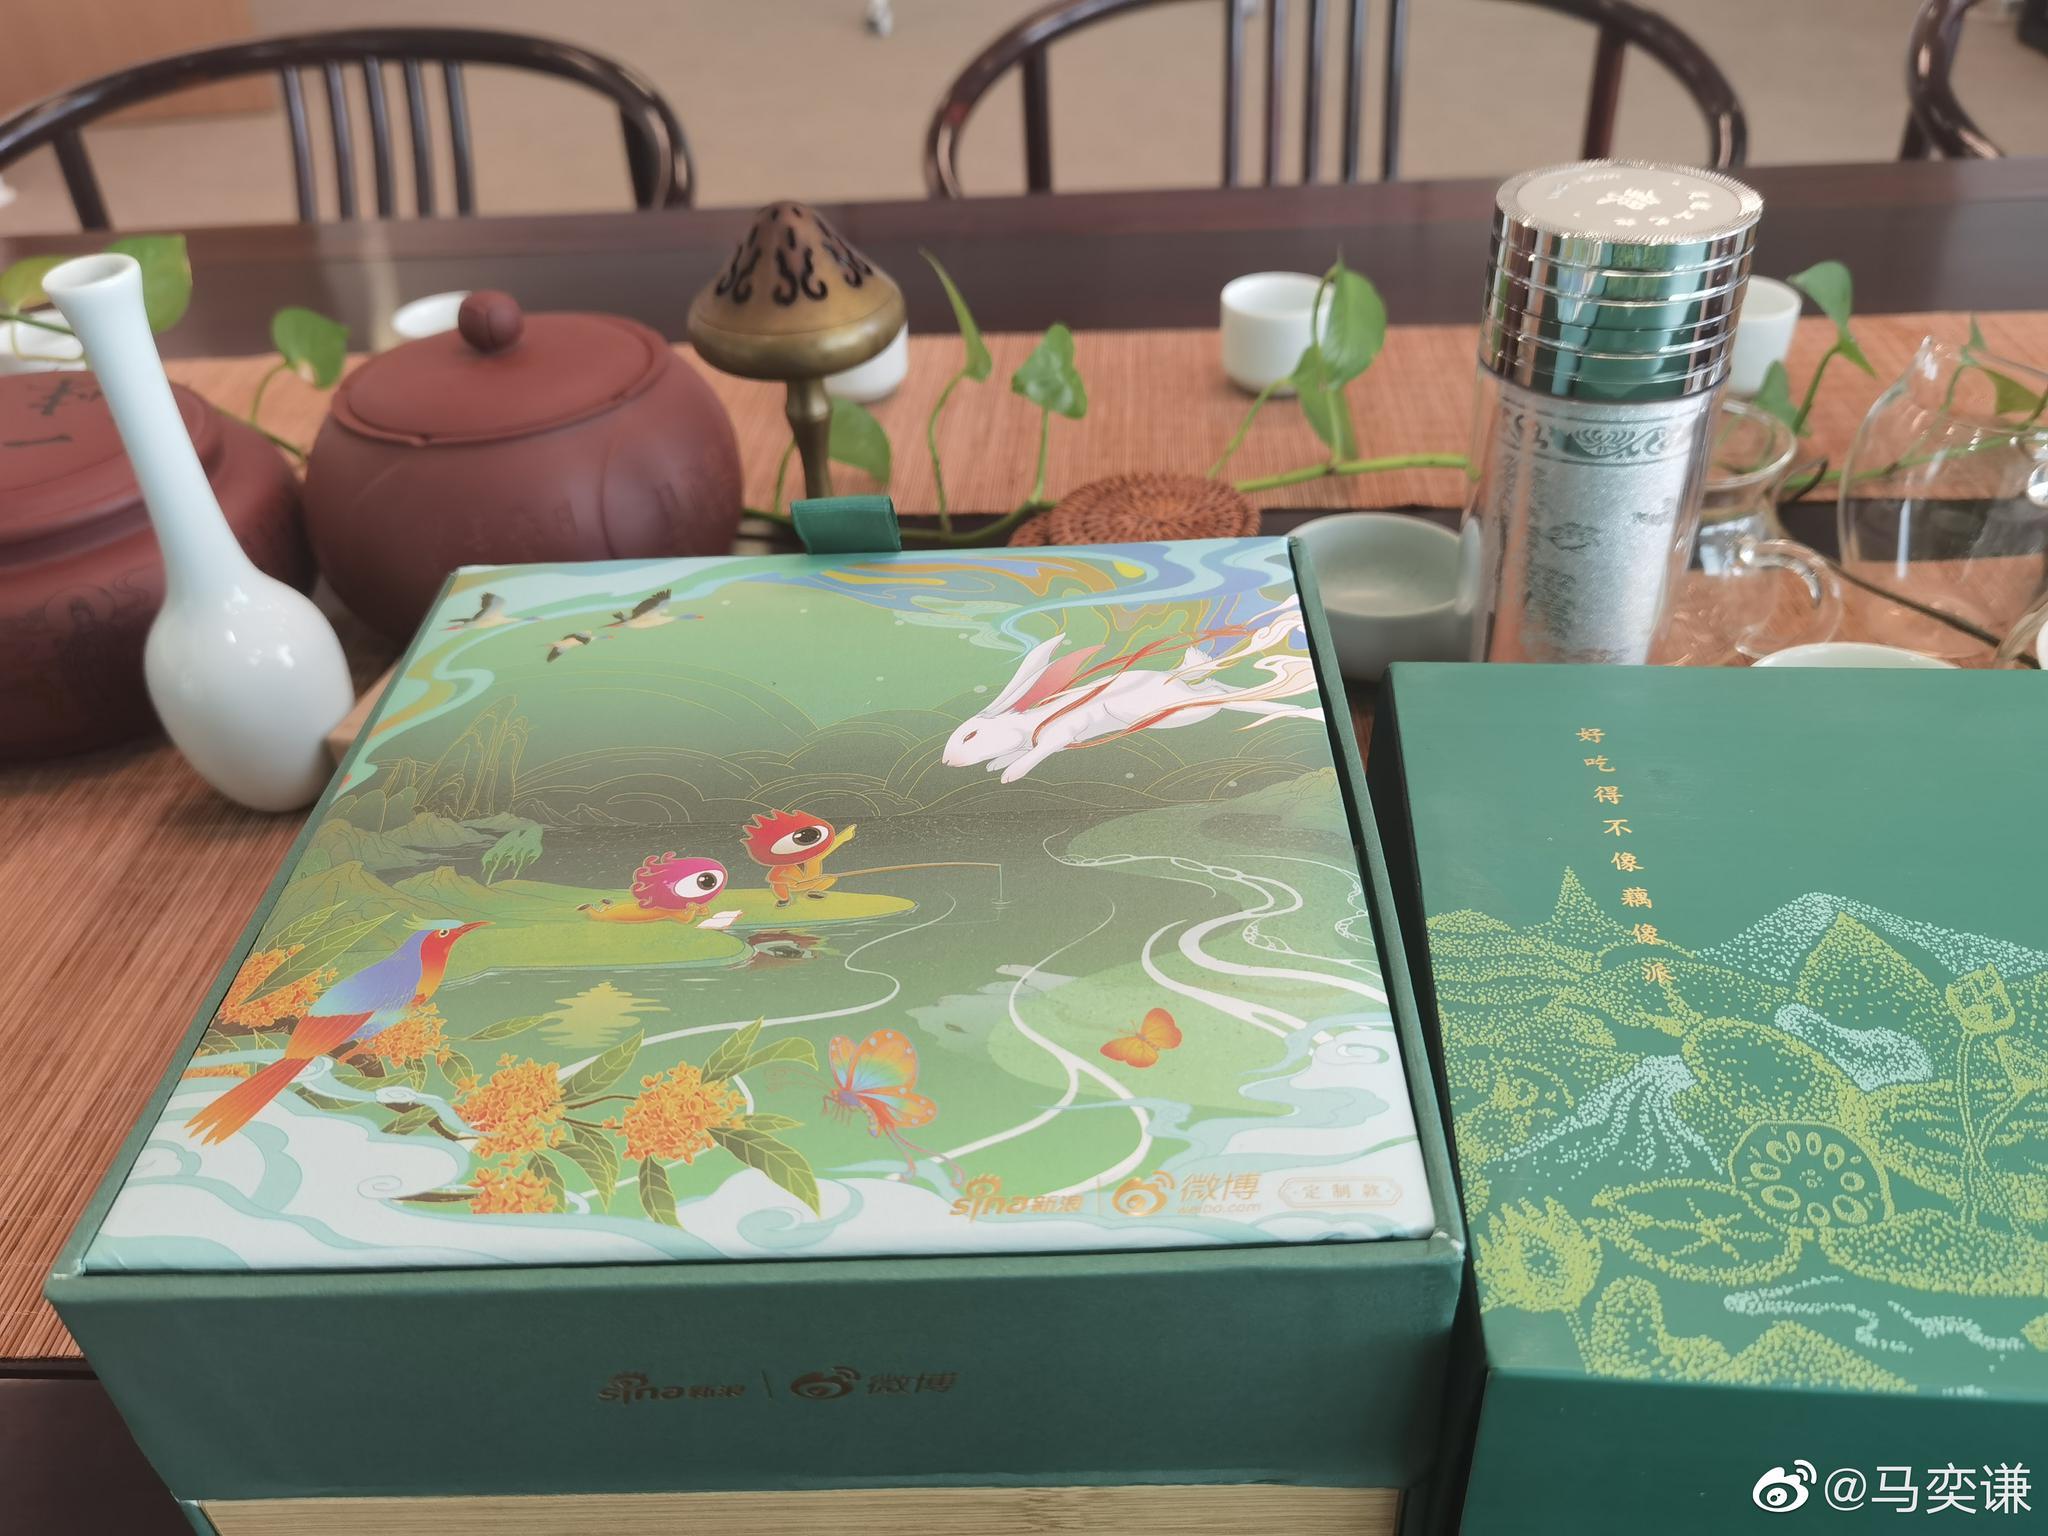 谢谢@新浪财经 @李子柒 的藕粉,好精致啊🙏🙏🙏节日快乐